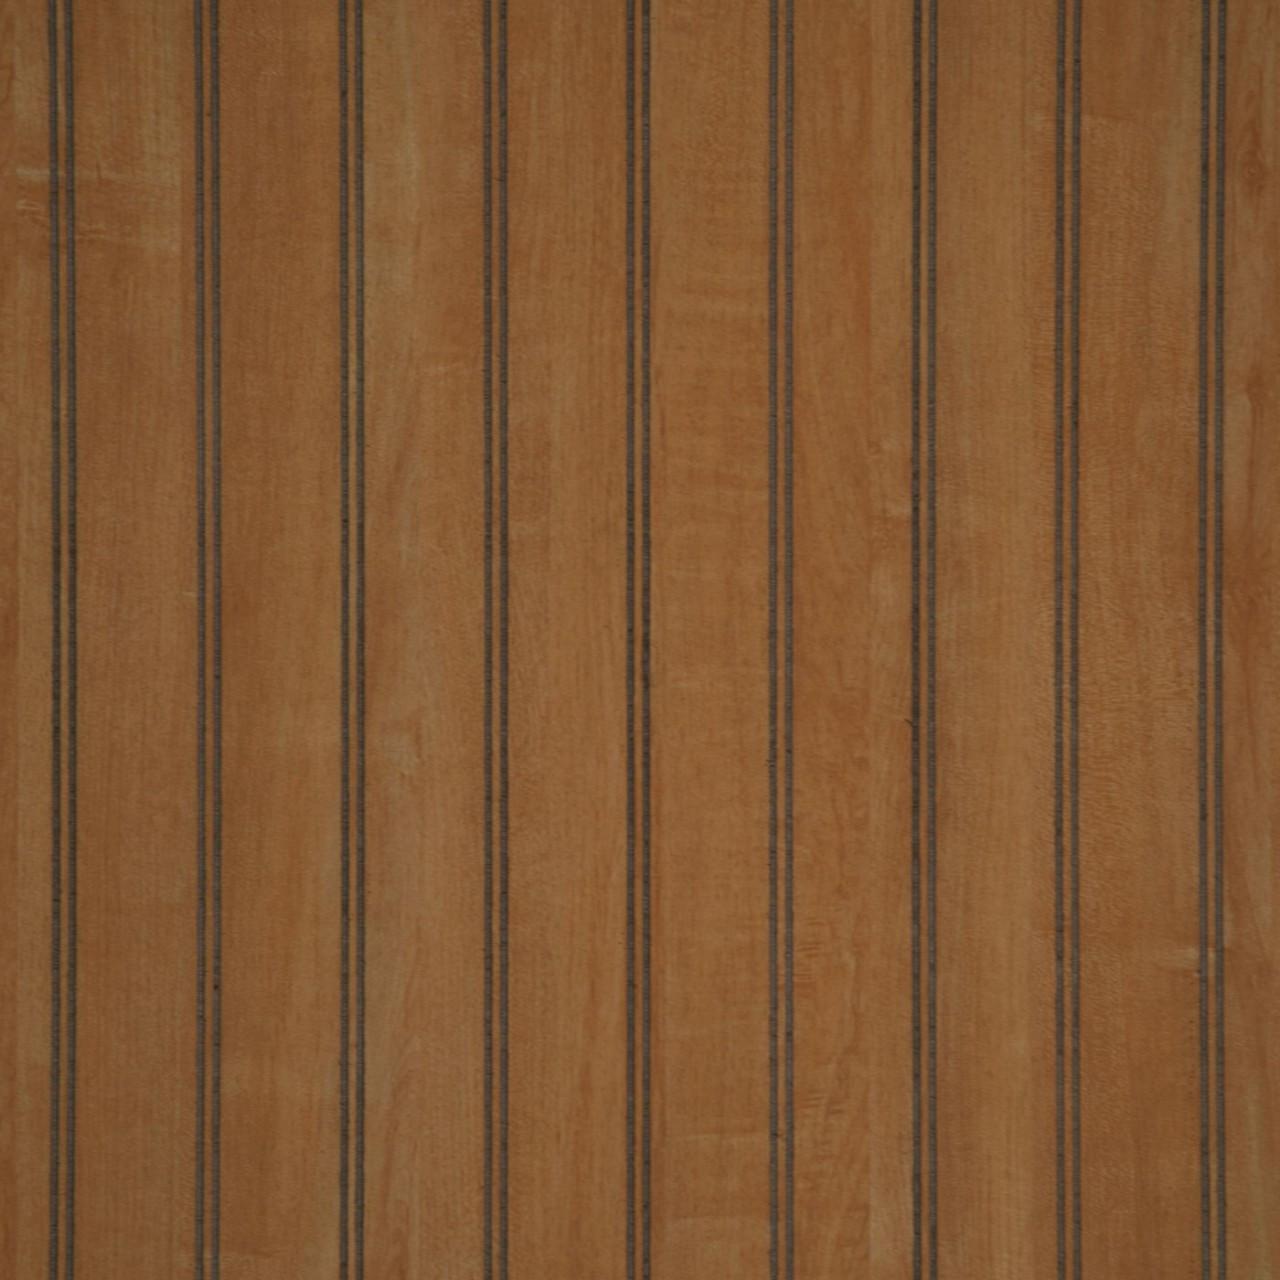 Beadboard Wall Paneling : Paneling beadboard worthy maple beaded